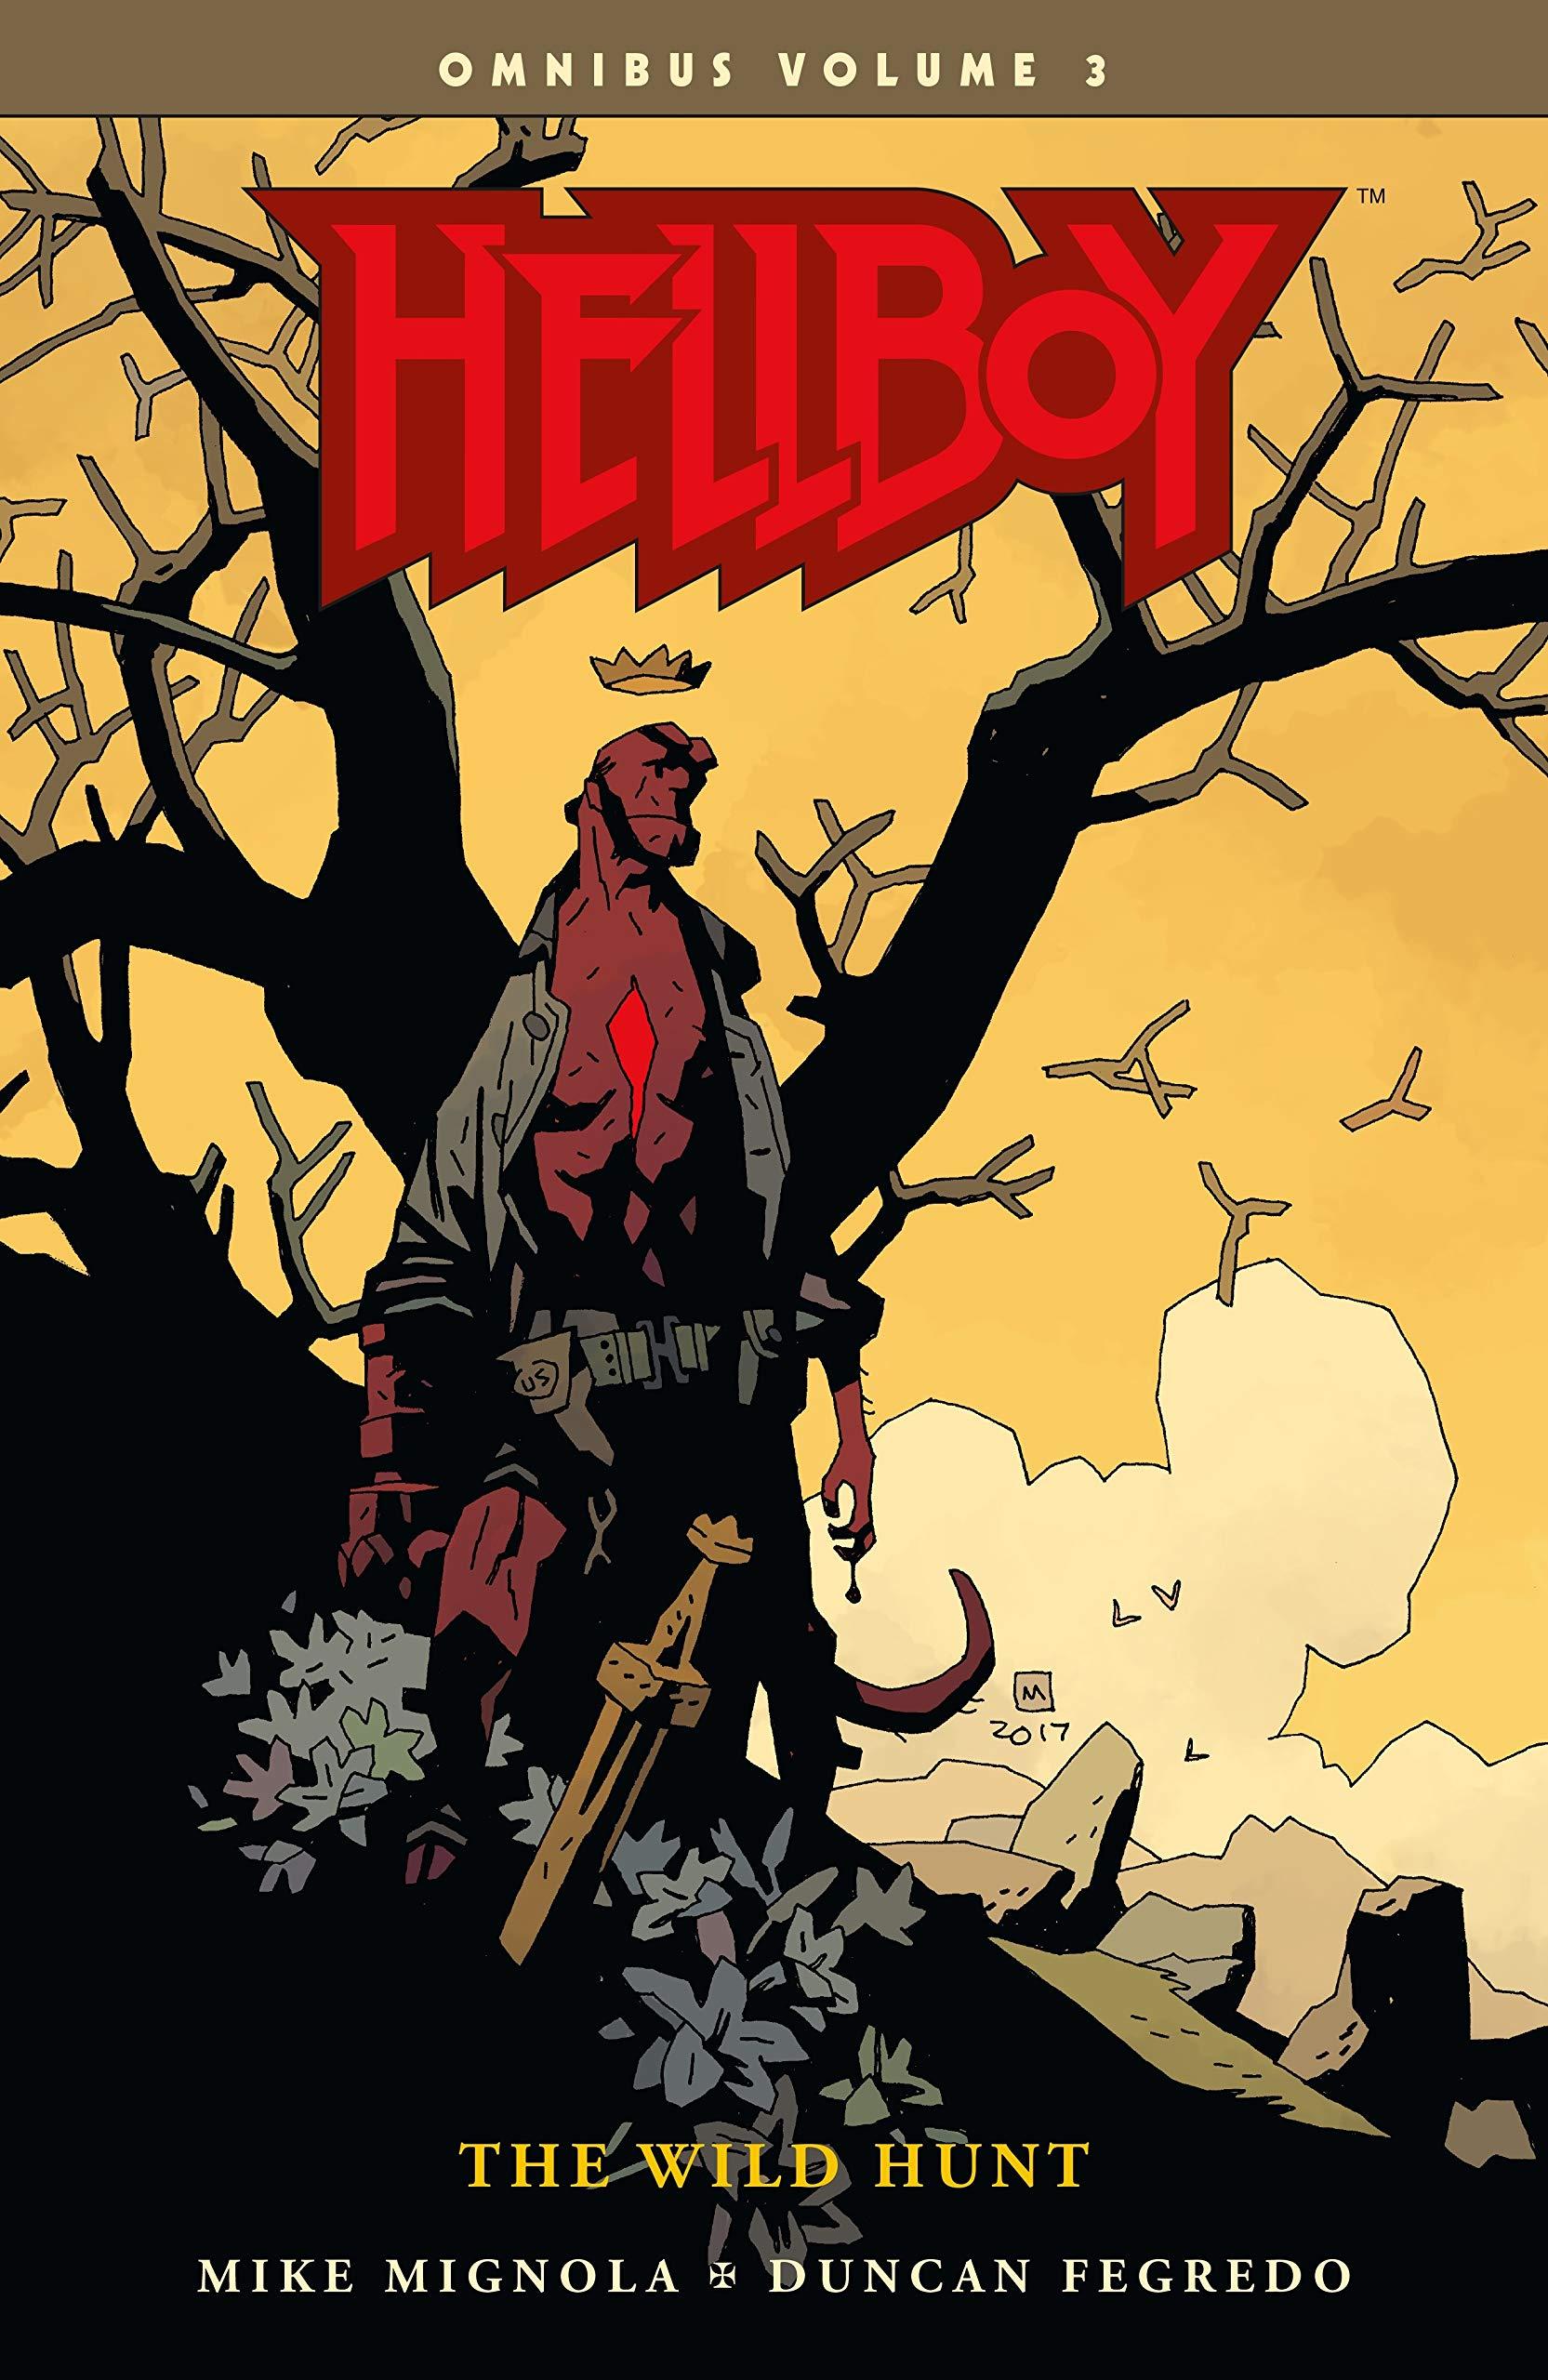 Hellboy Omnibus Volume 3  The Wild Hunt  Hellboy Omnibus  The Wild Hunt